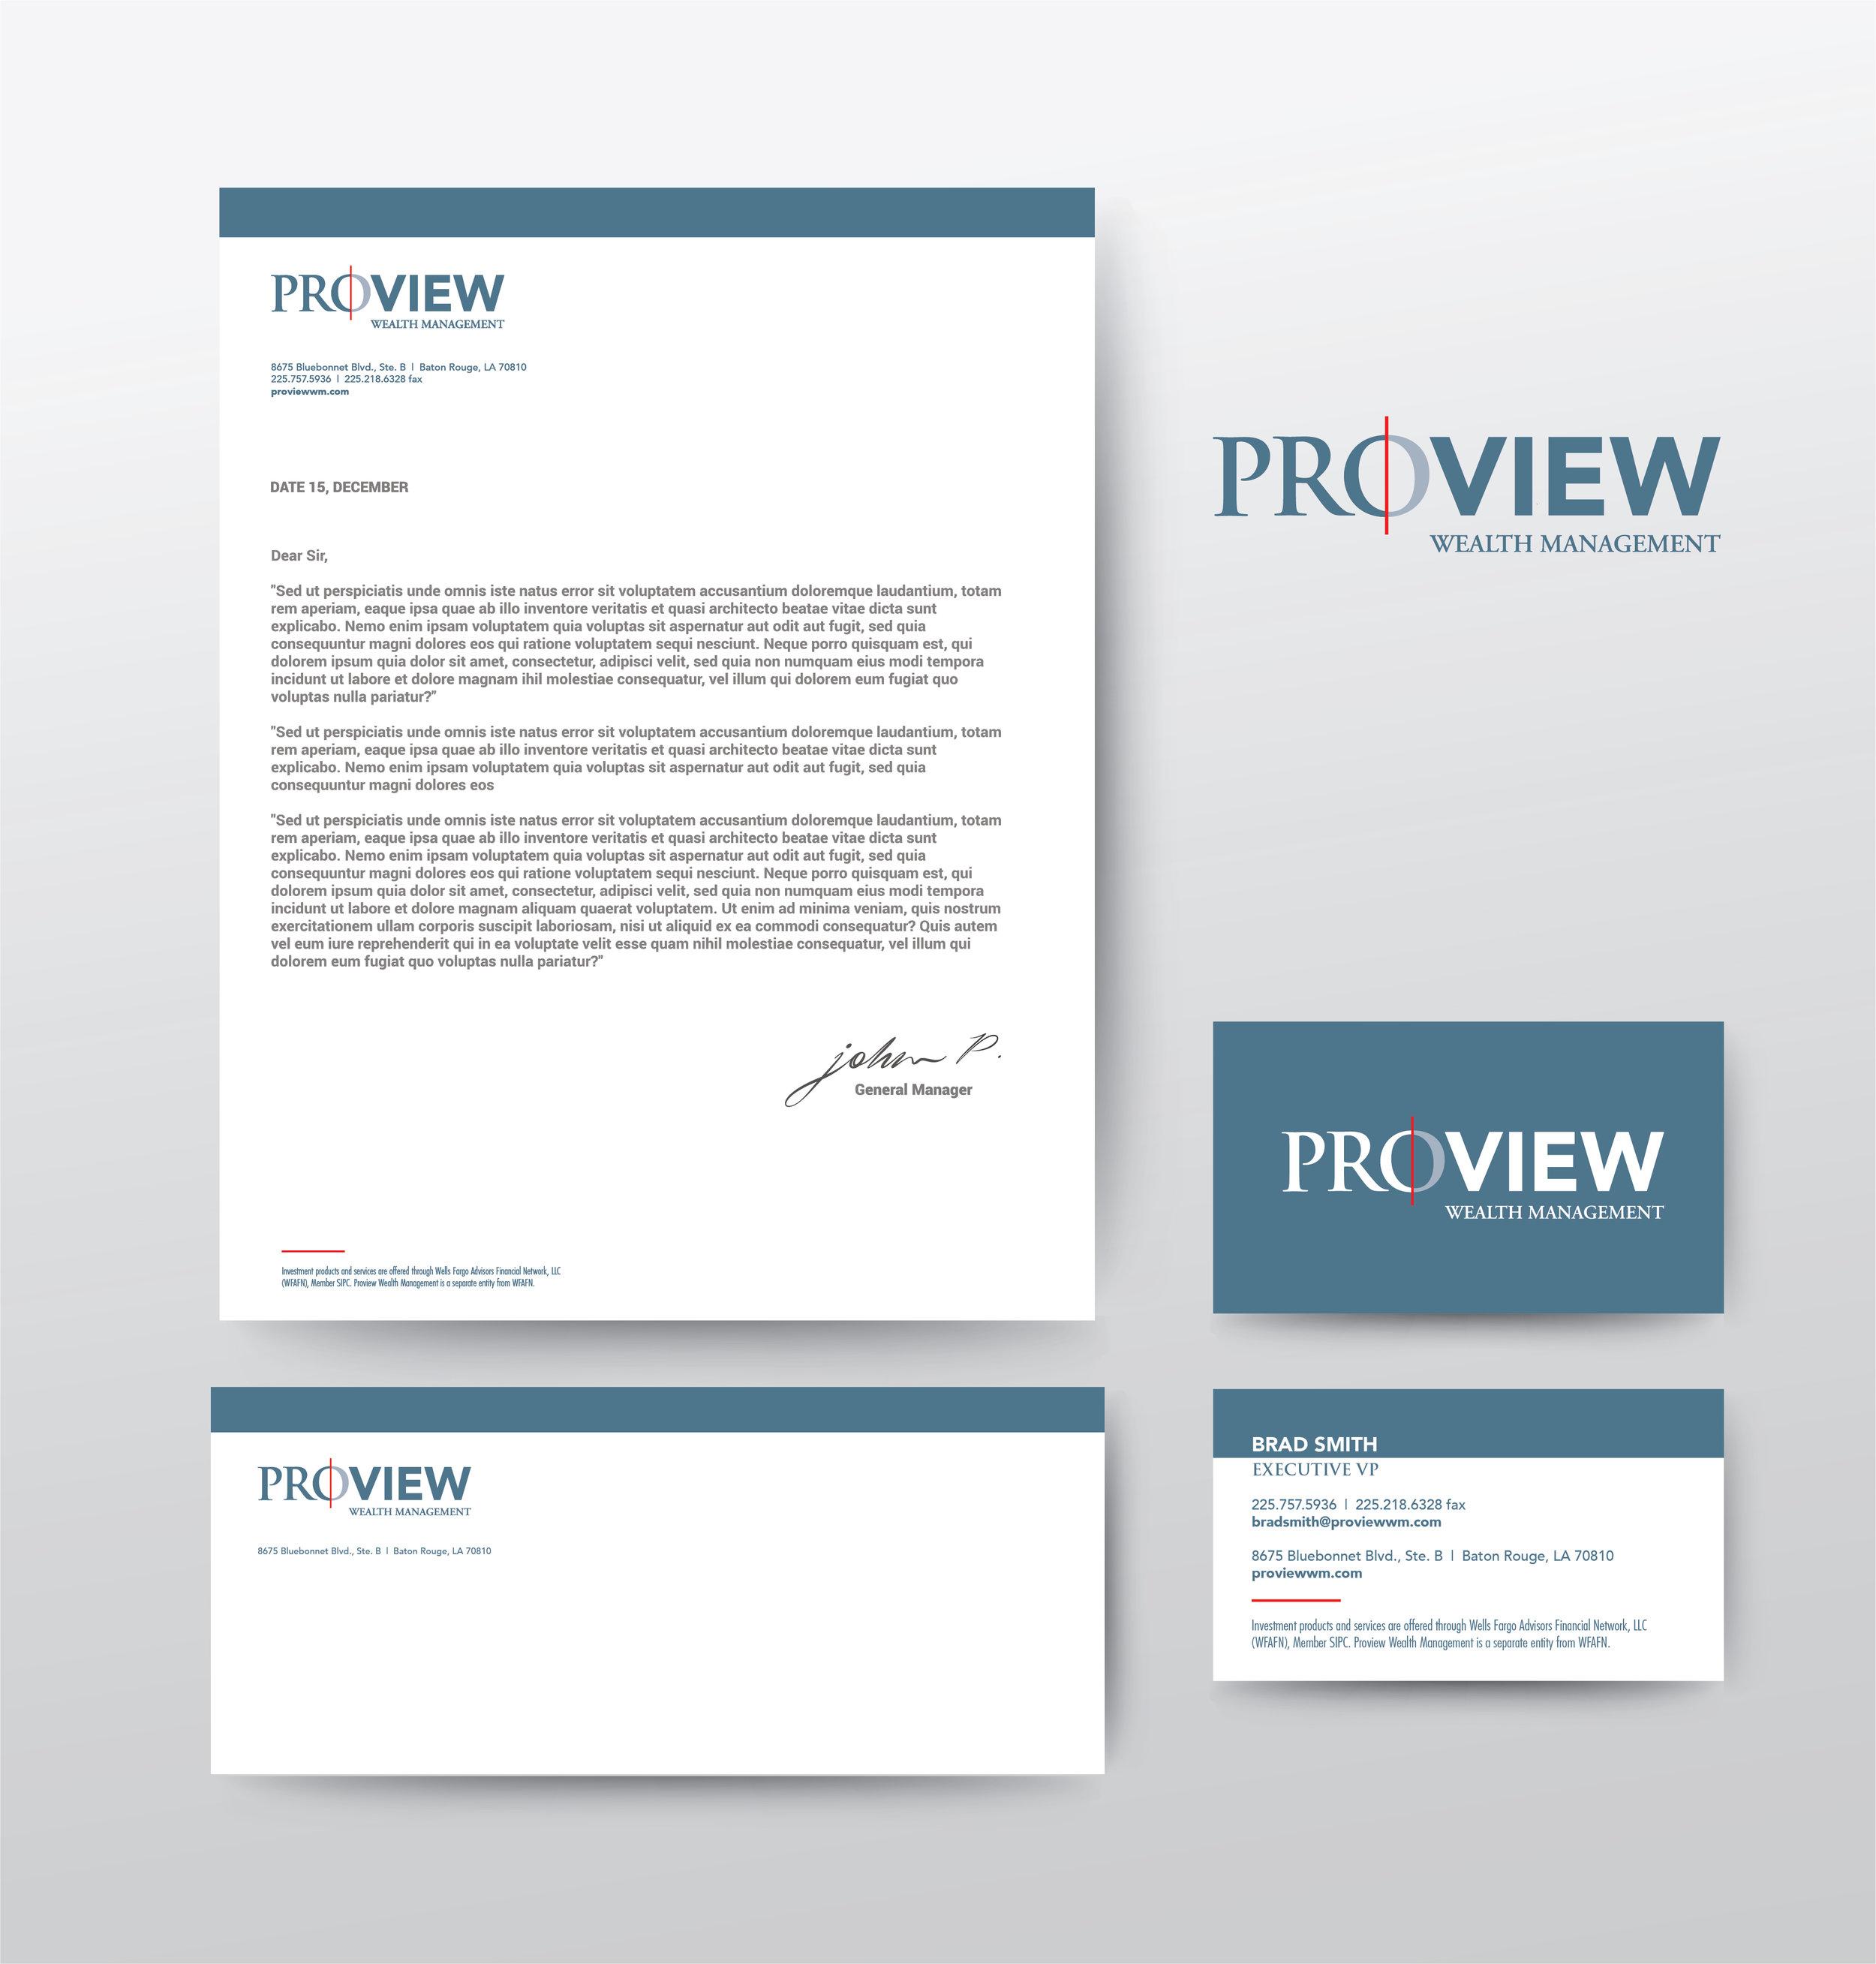 Proview Mockup-01.jpg